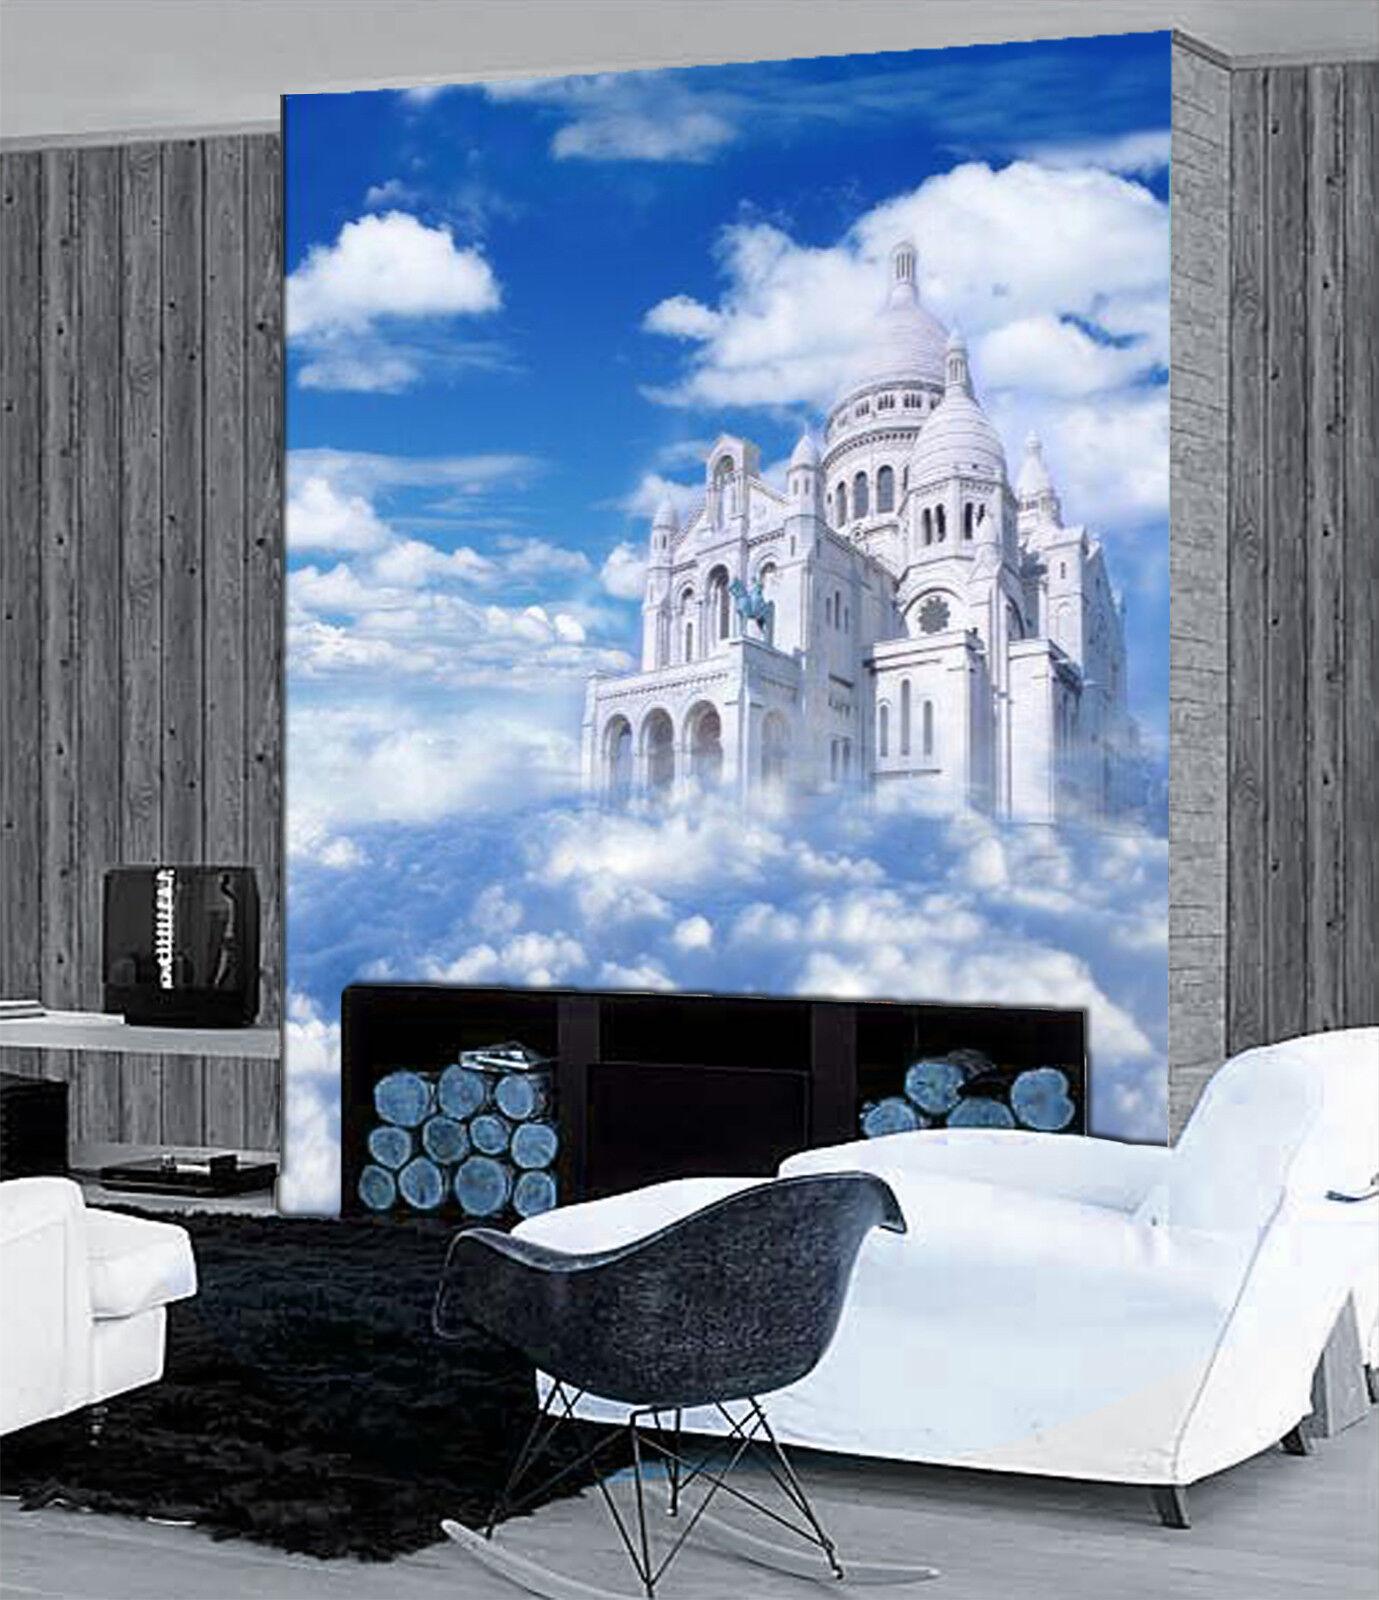 3D Castle 565 Wallpaper Murals Wall Print Wall Mural AJ WALLPAPER UK Summer